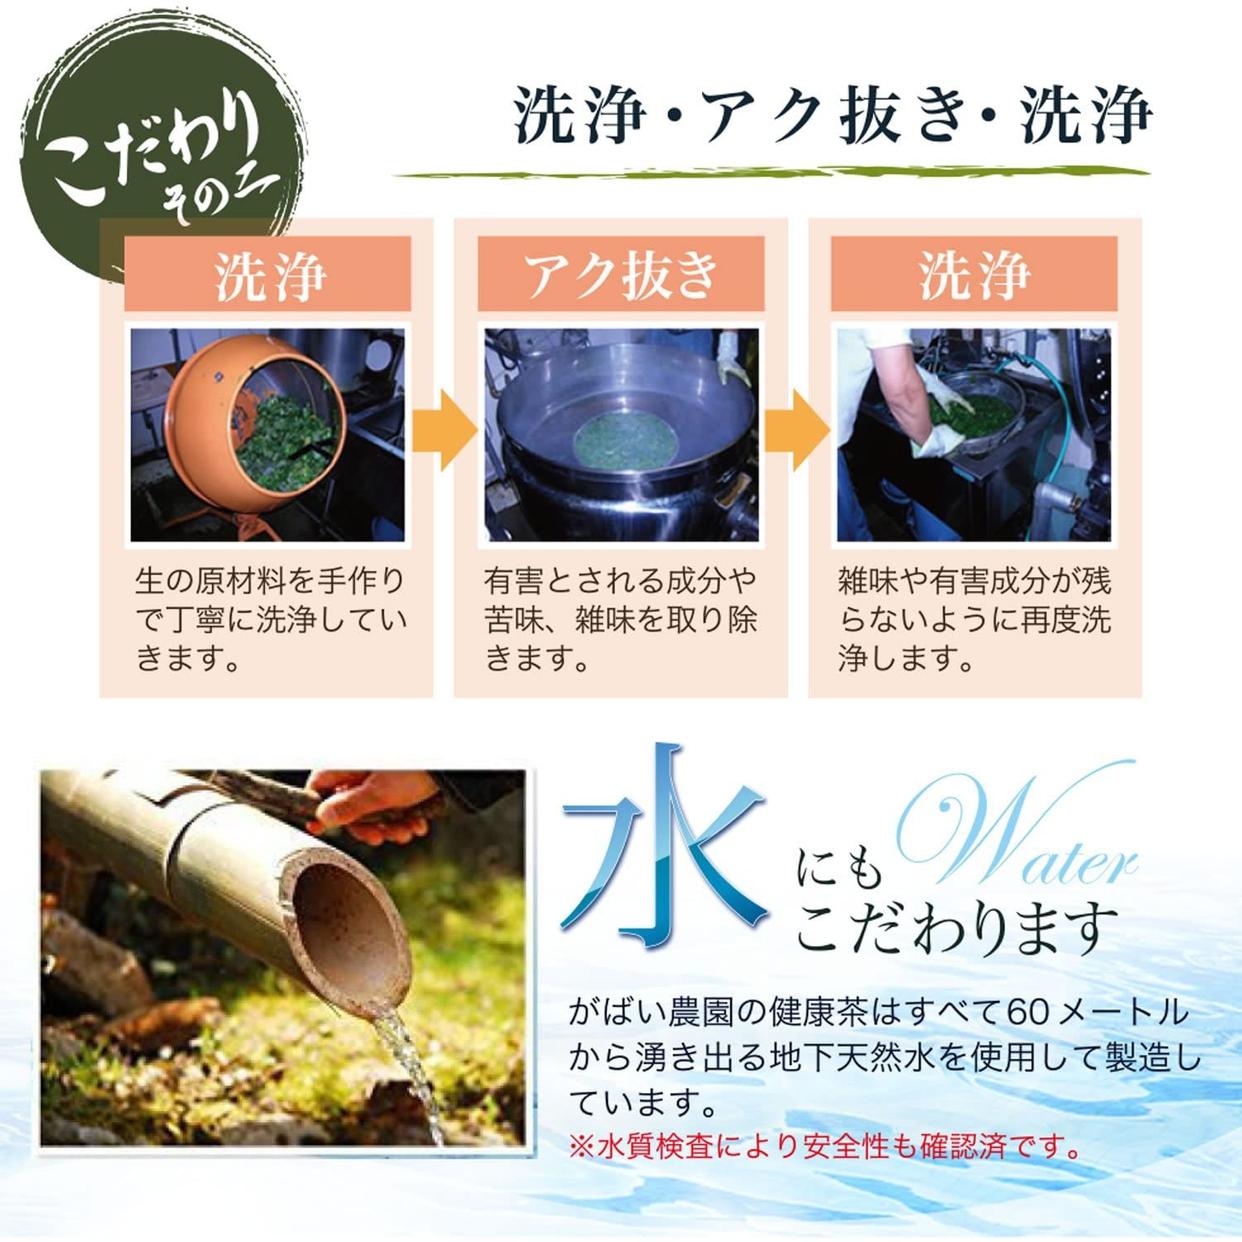 がばい農園 国産手作り ごぼう茶の商品画像4